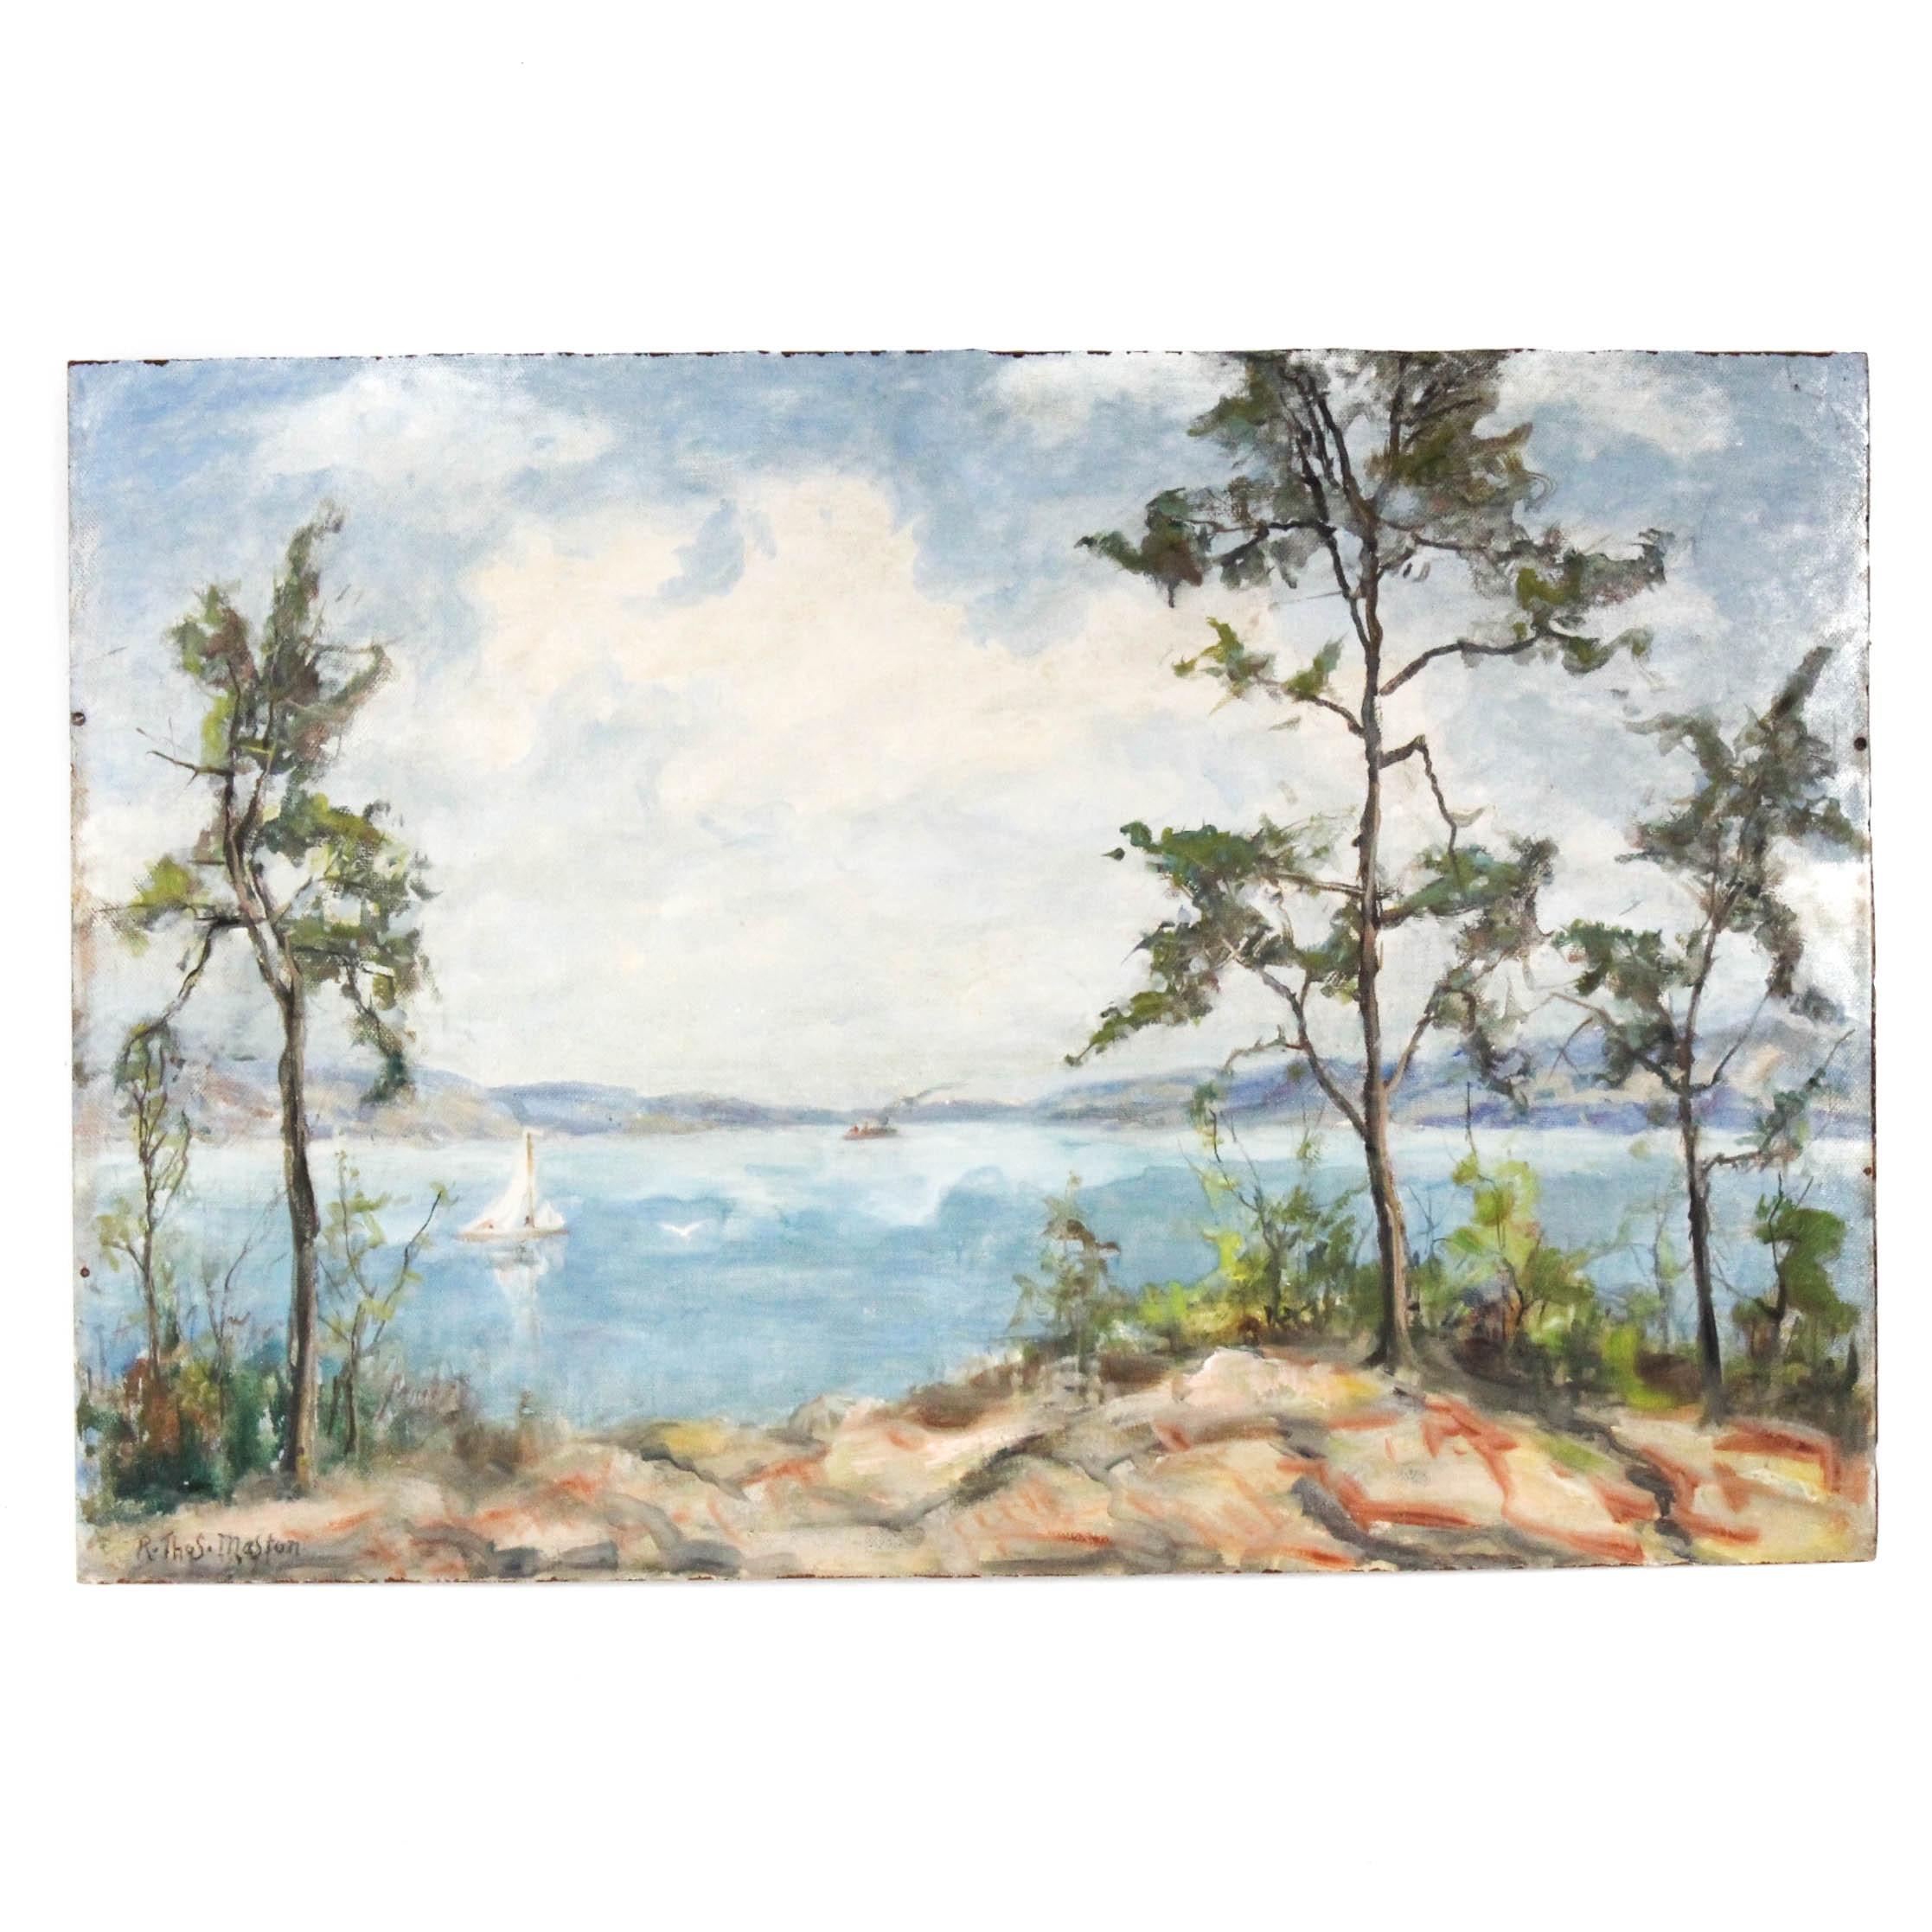 Signed R. Thomas Maston Oil Painting of Lake Landscape